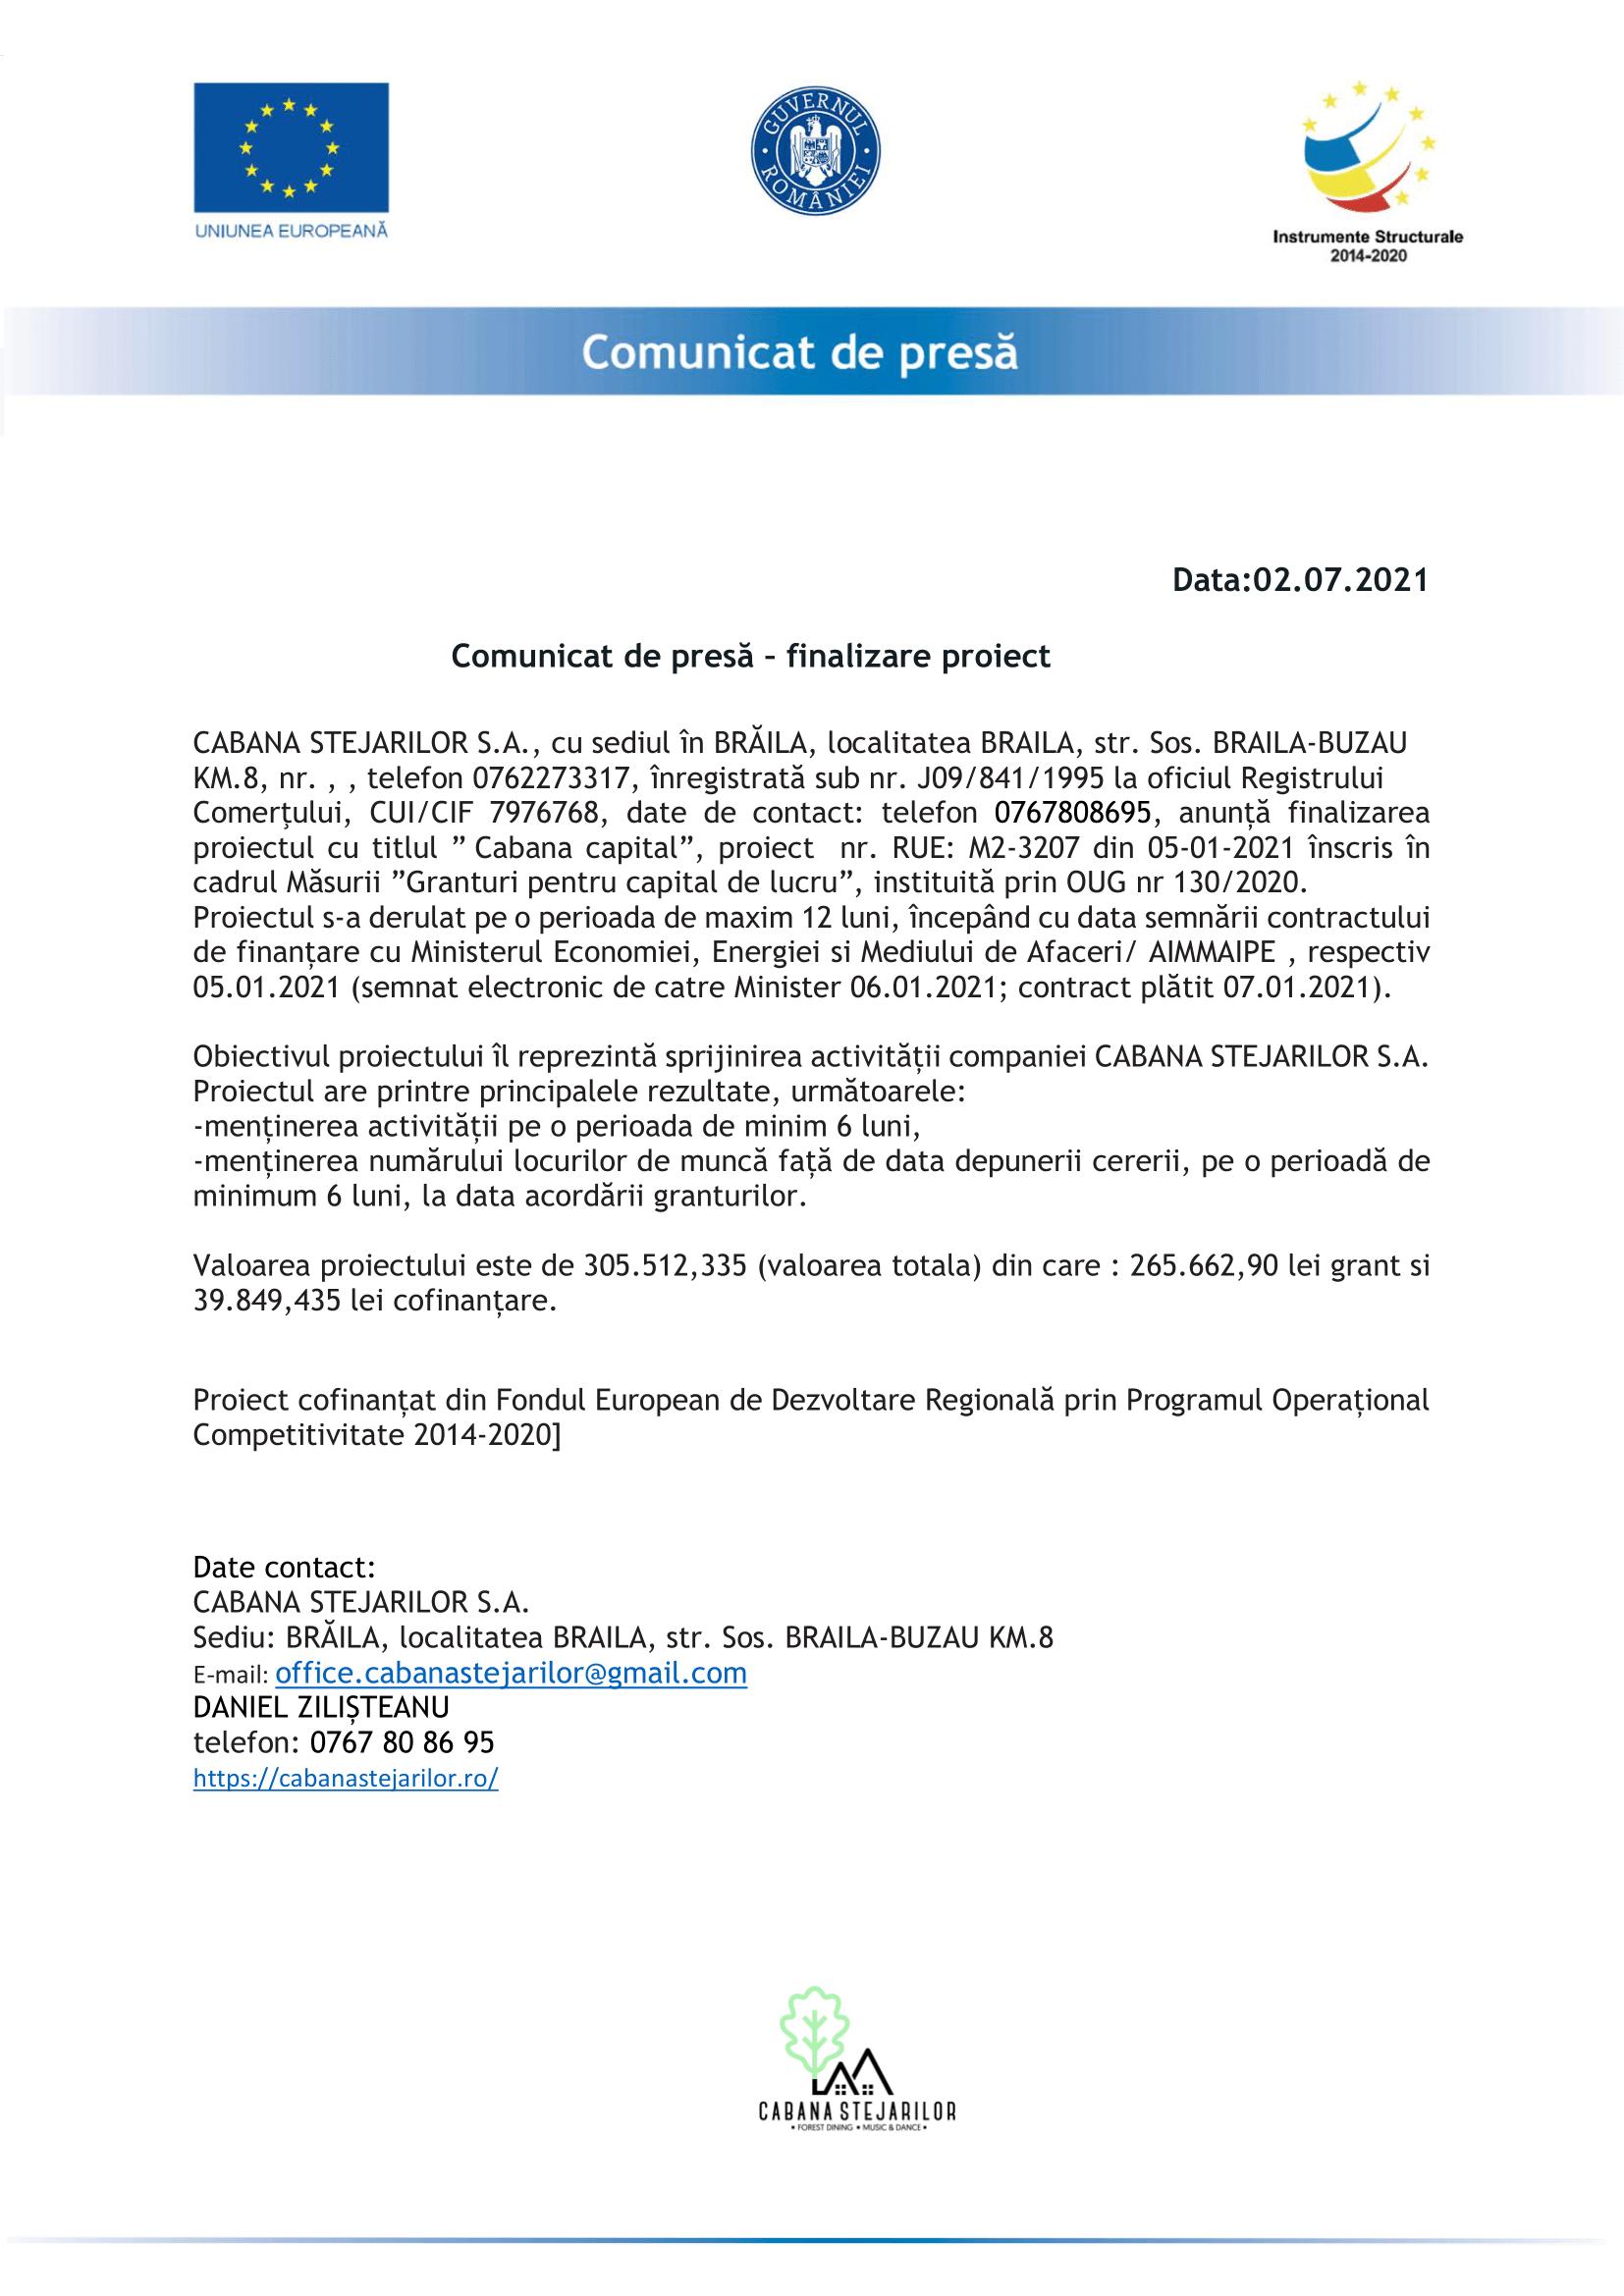 Comunicat_de_Presa_benef-finali-CABANA STEJARILOR